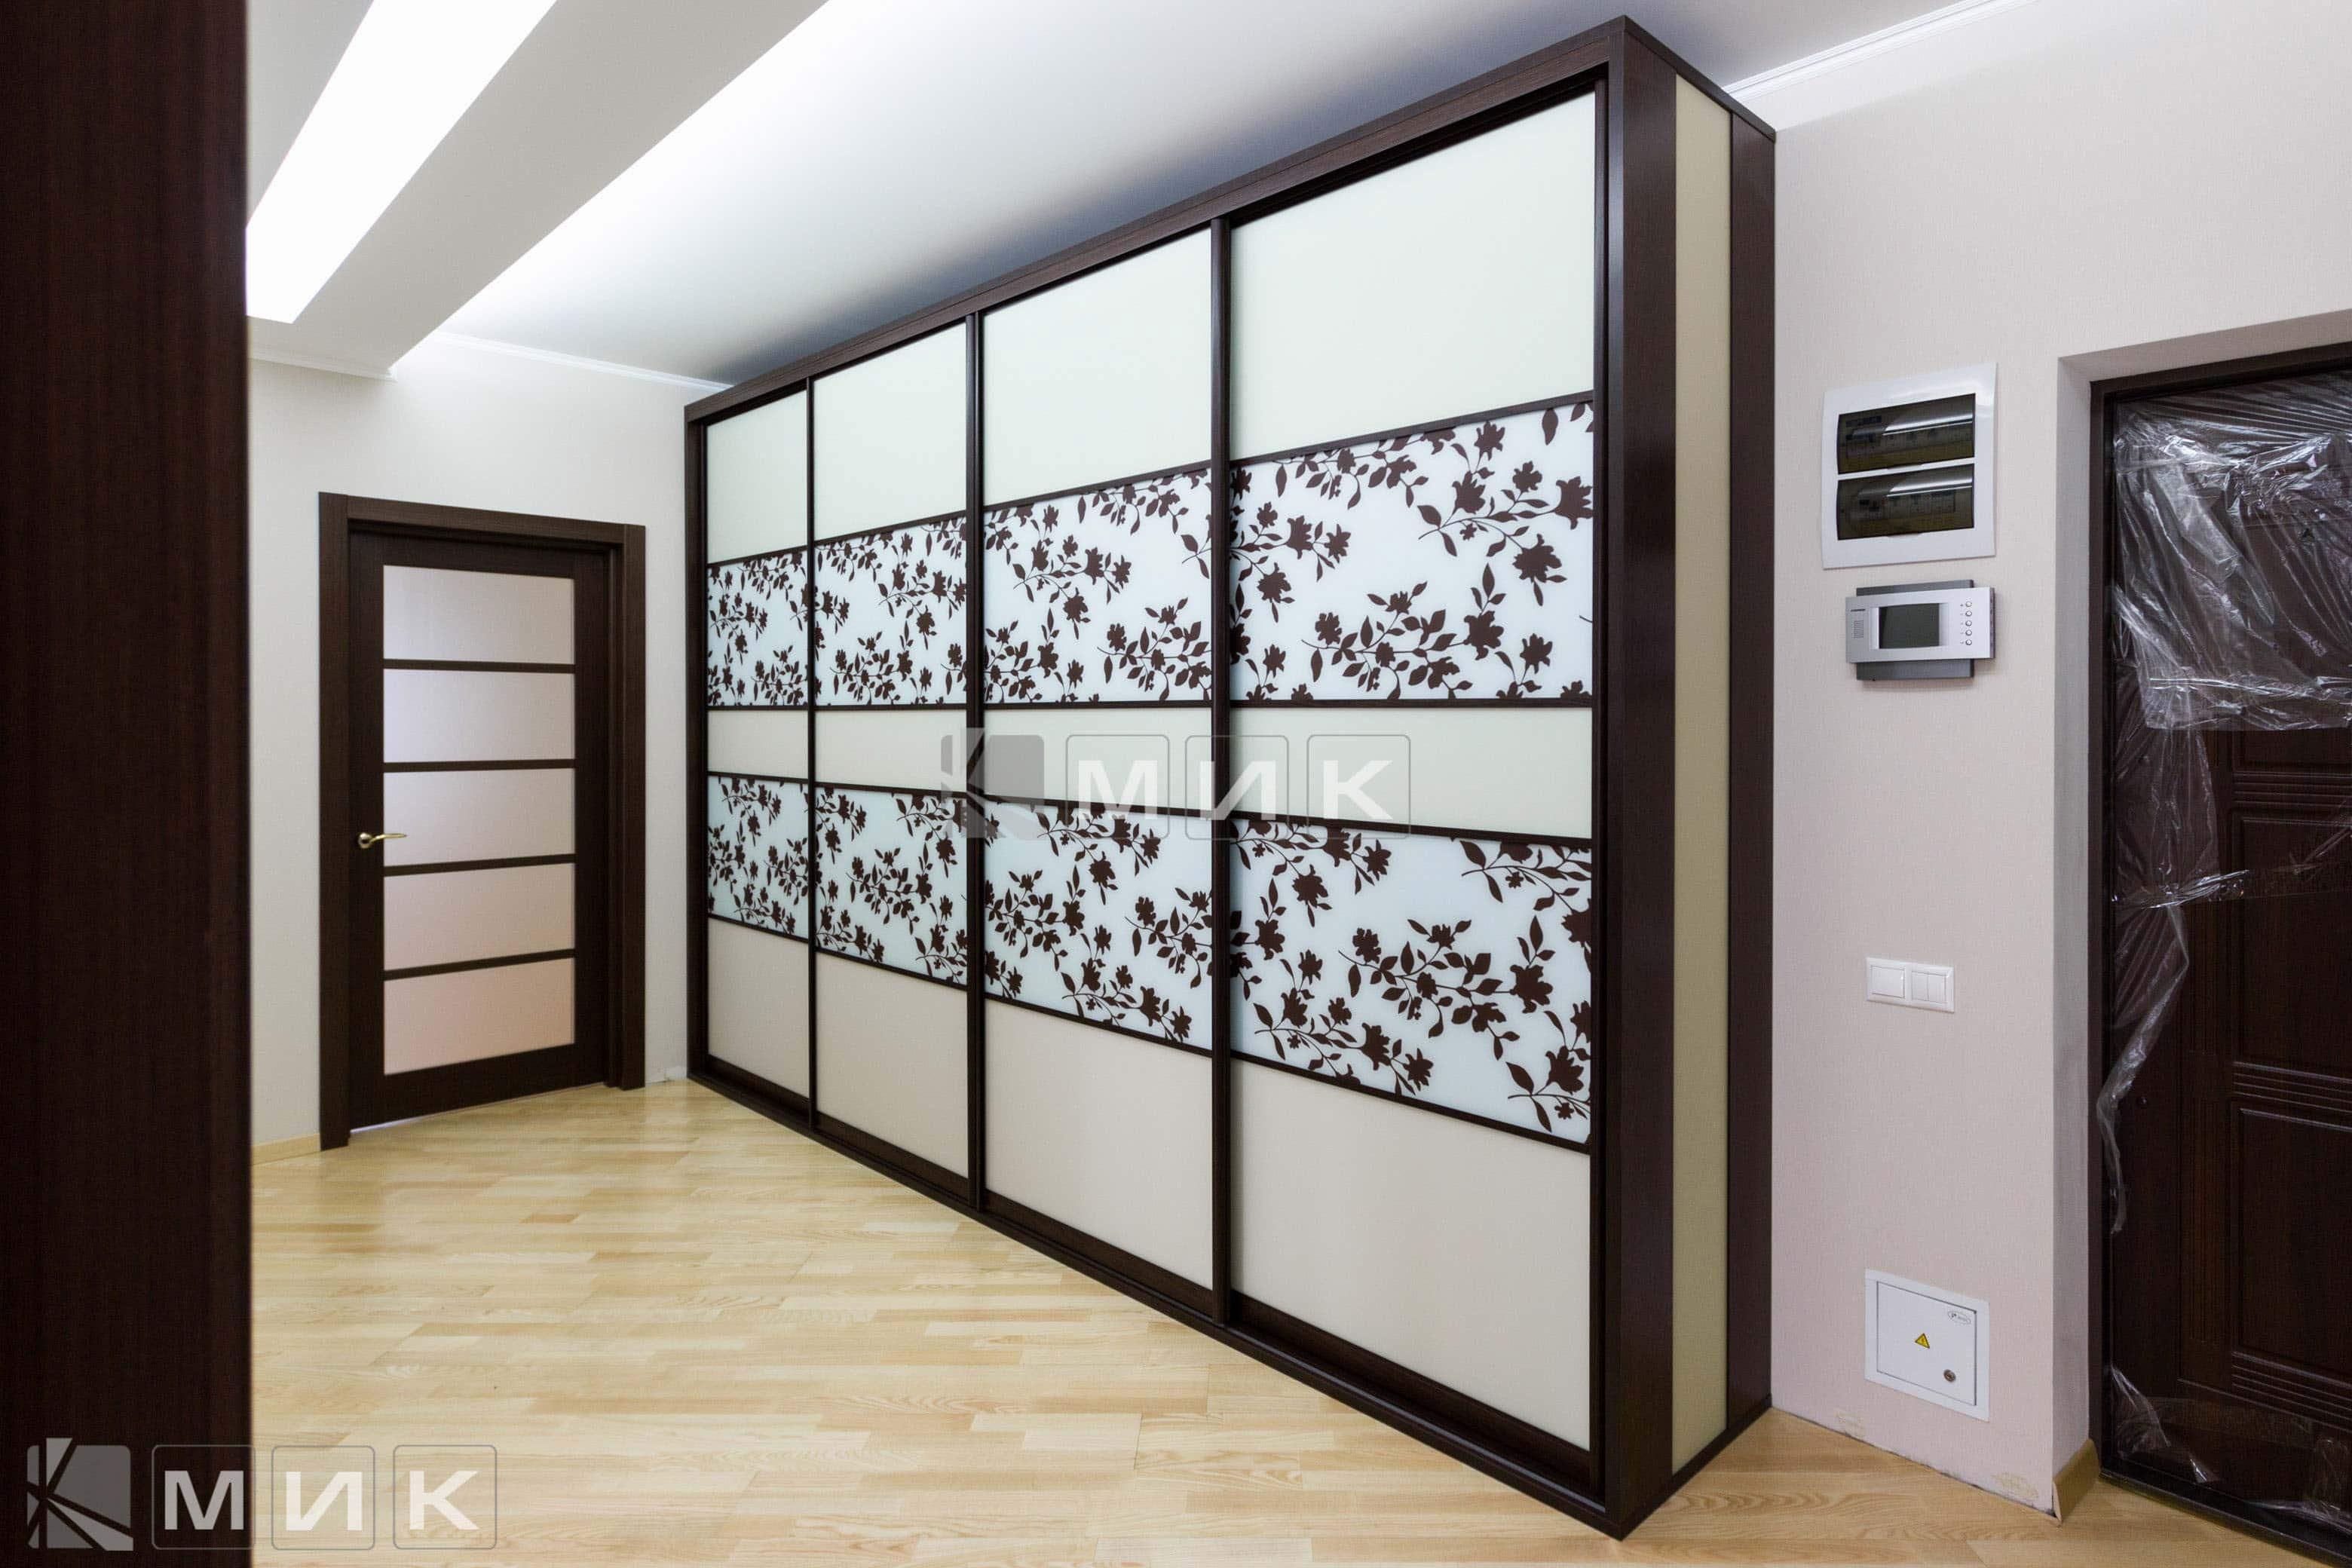 шкаф купе в прихожую коридор фасады пескоструй с рисунком